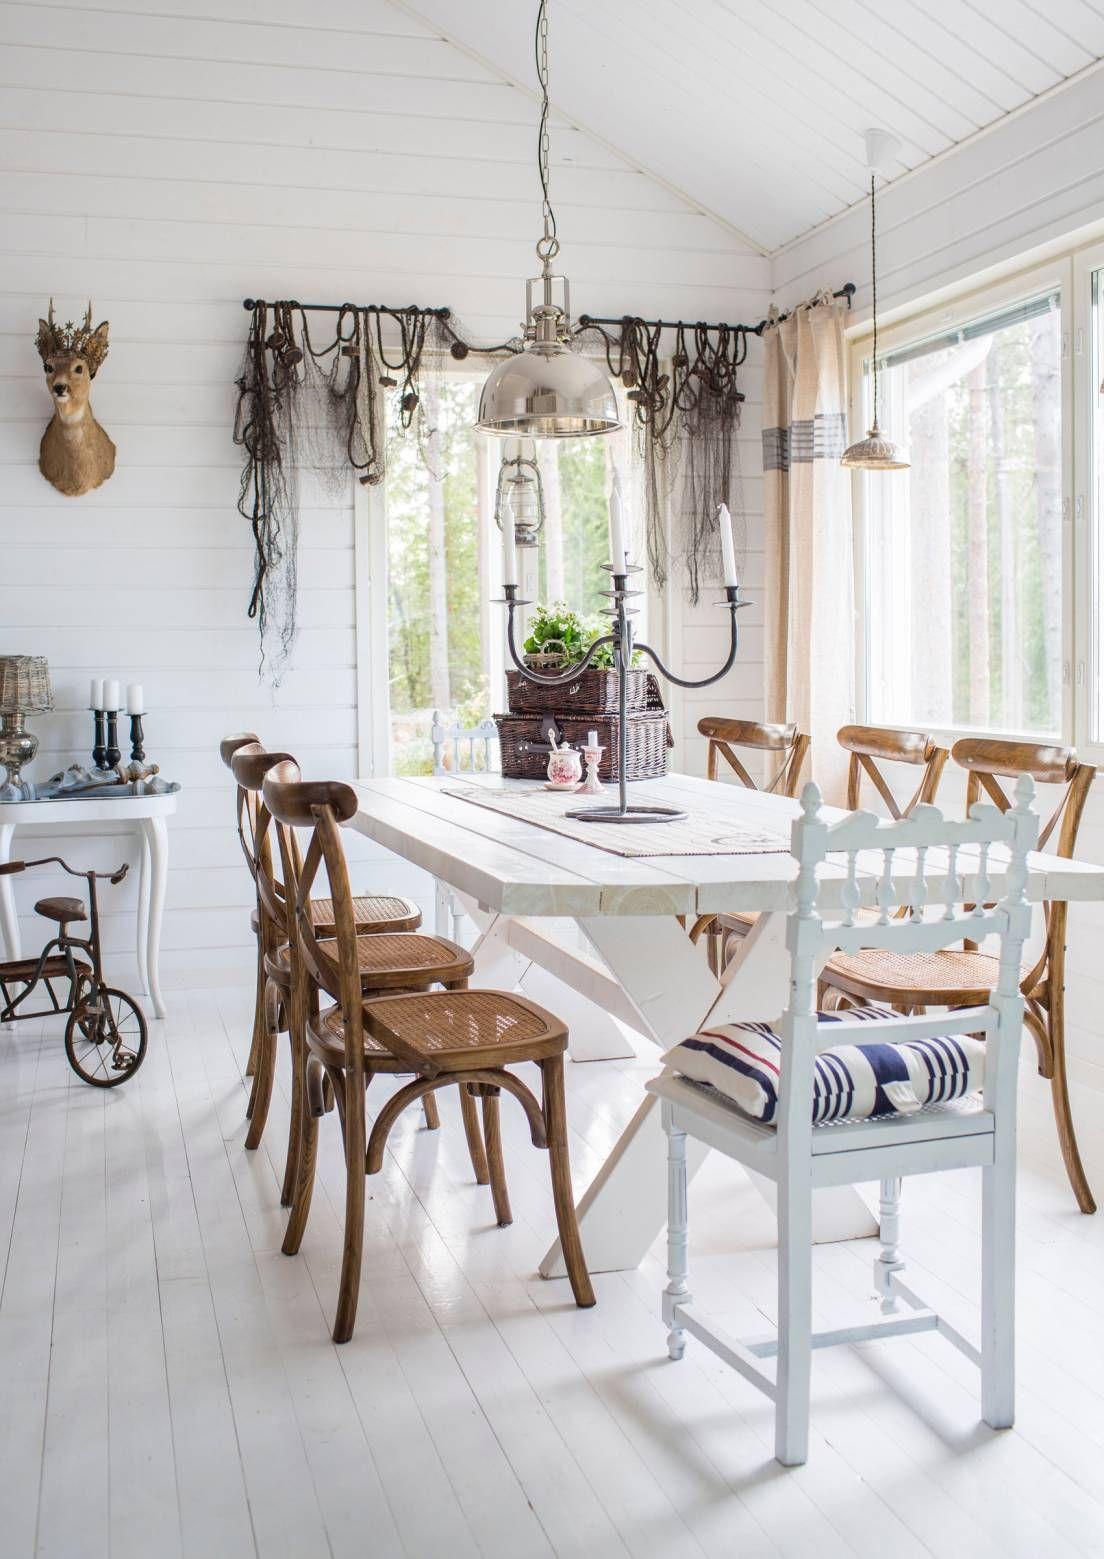 Merellisen rantatalon tyyli on helppo toteuttaa omassakin kodissa. Olisitko keksinyt ripustaa vanhan kalaverkon verhoksi? Katso myös muut ideat!